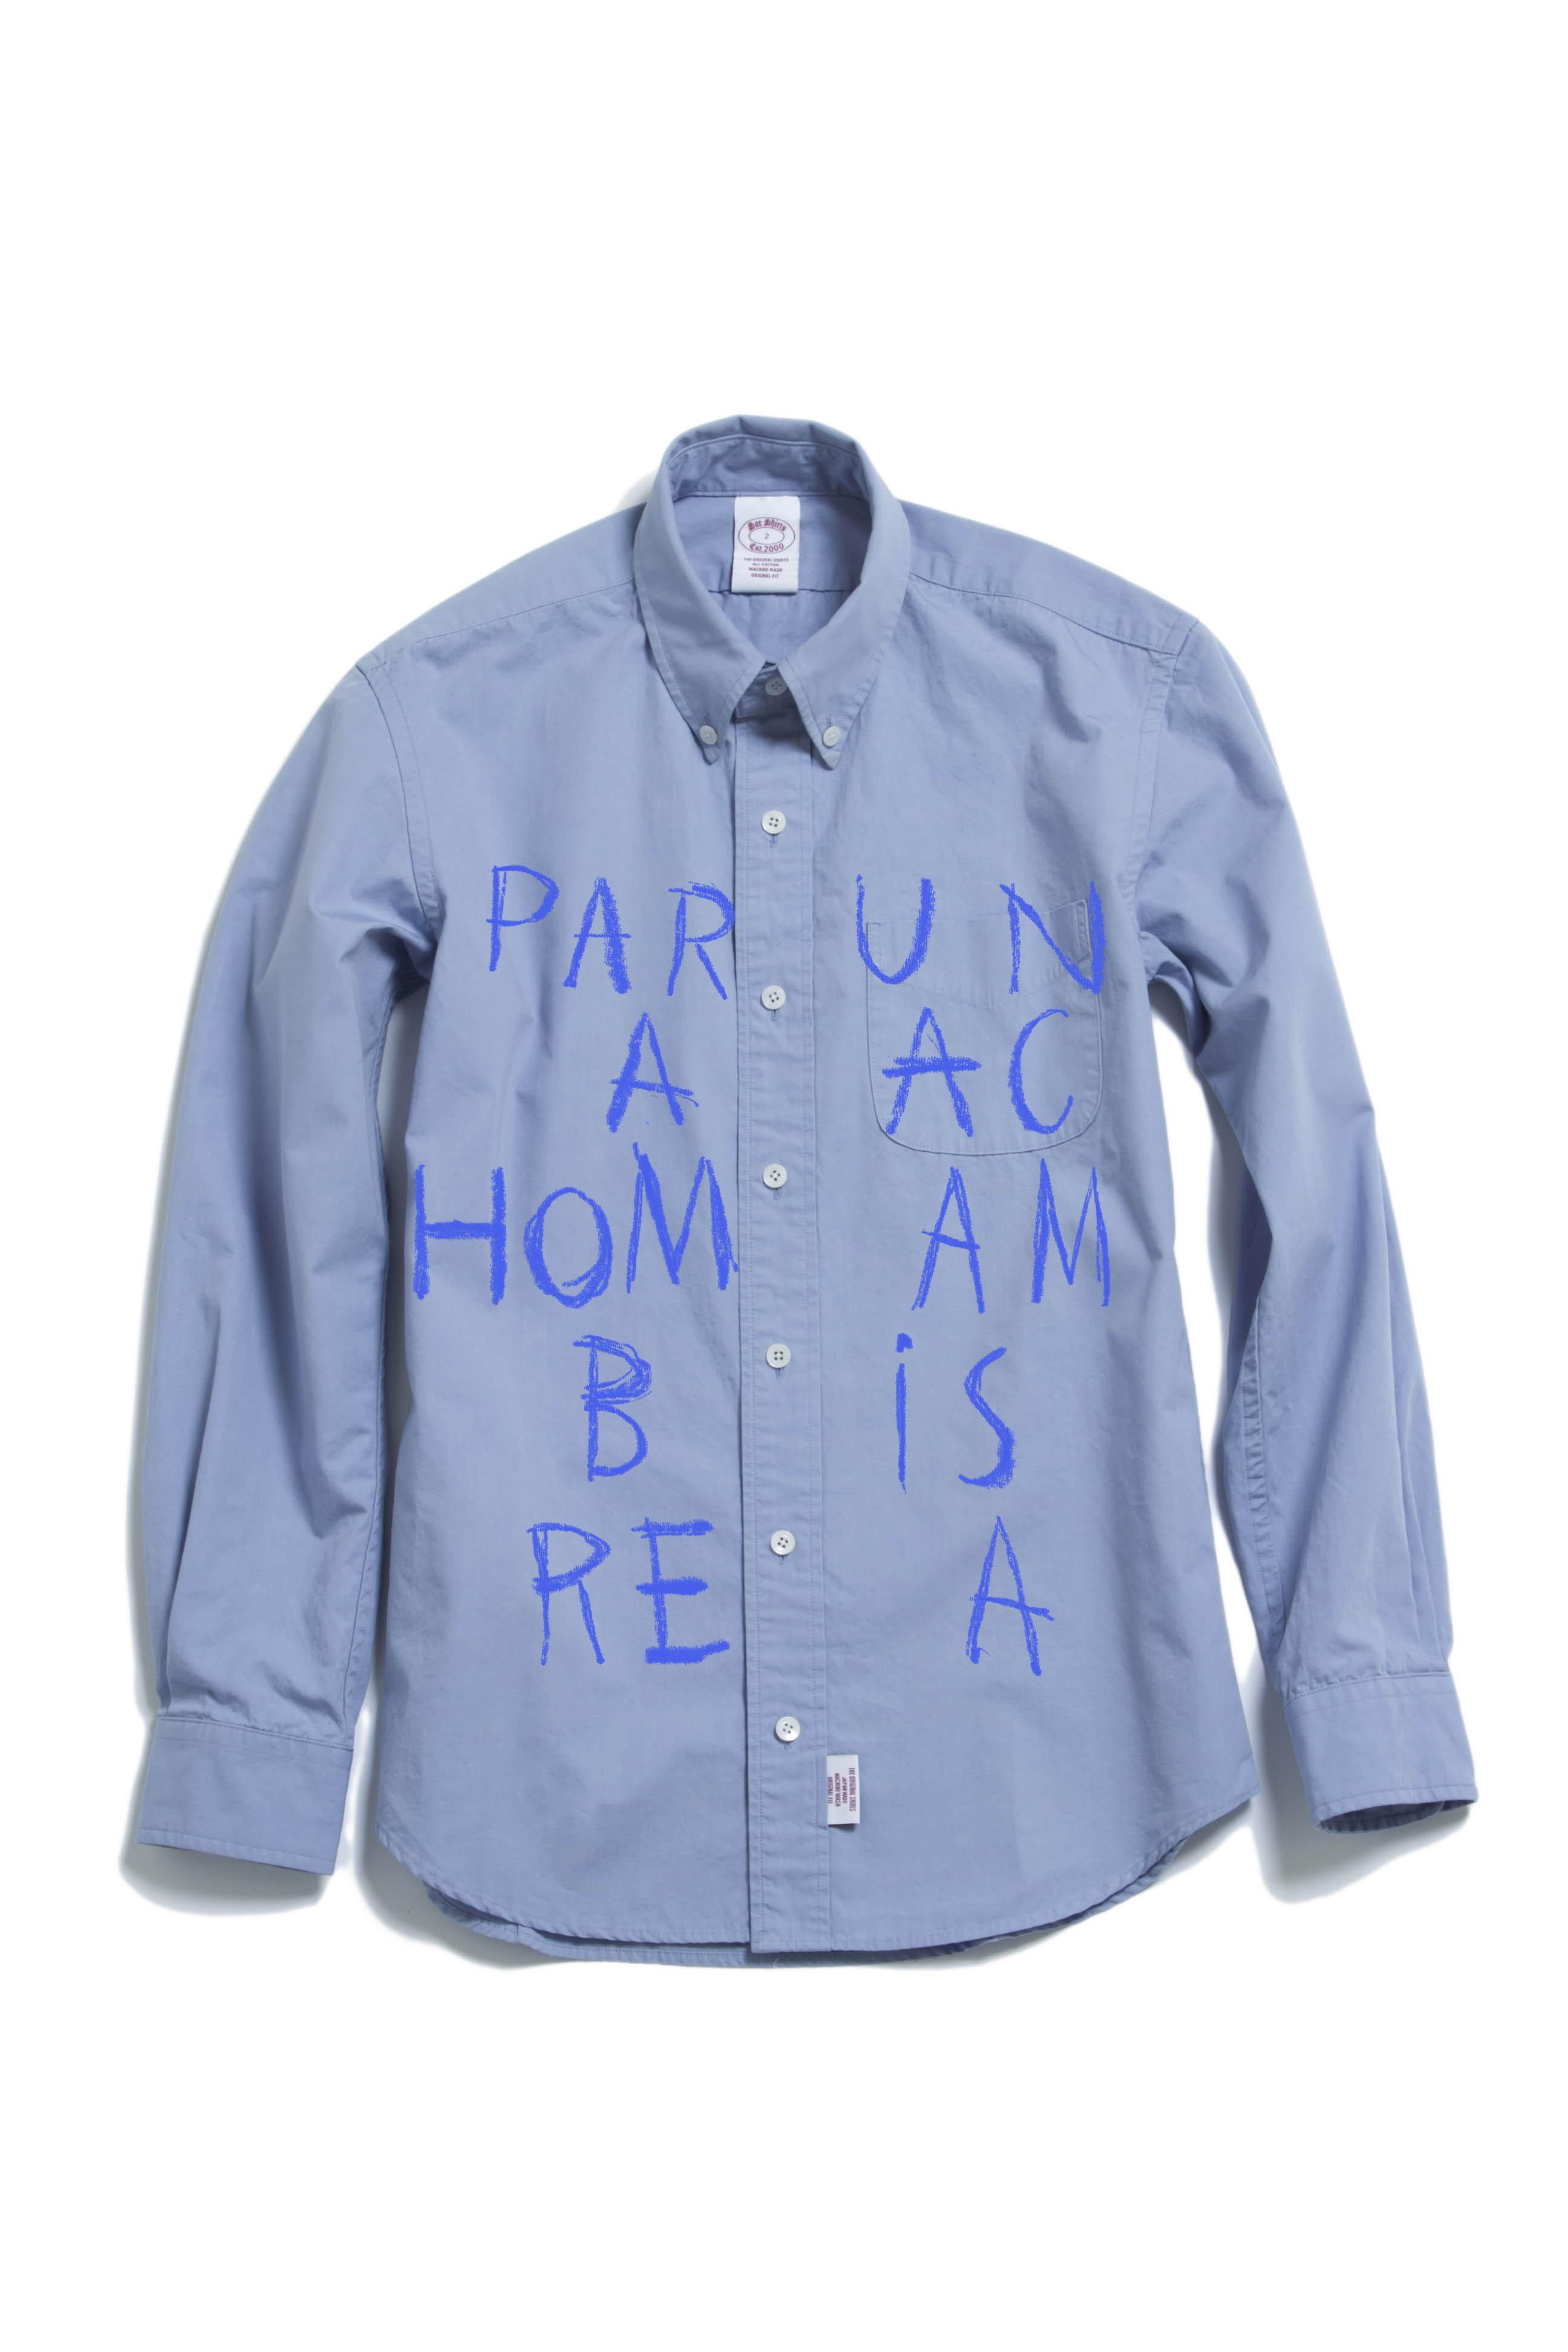 shirts4-1a572.jpg